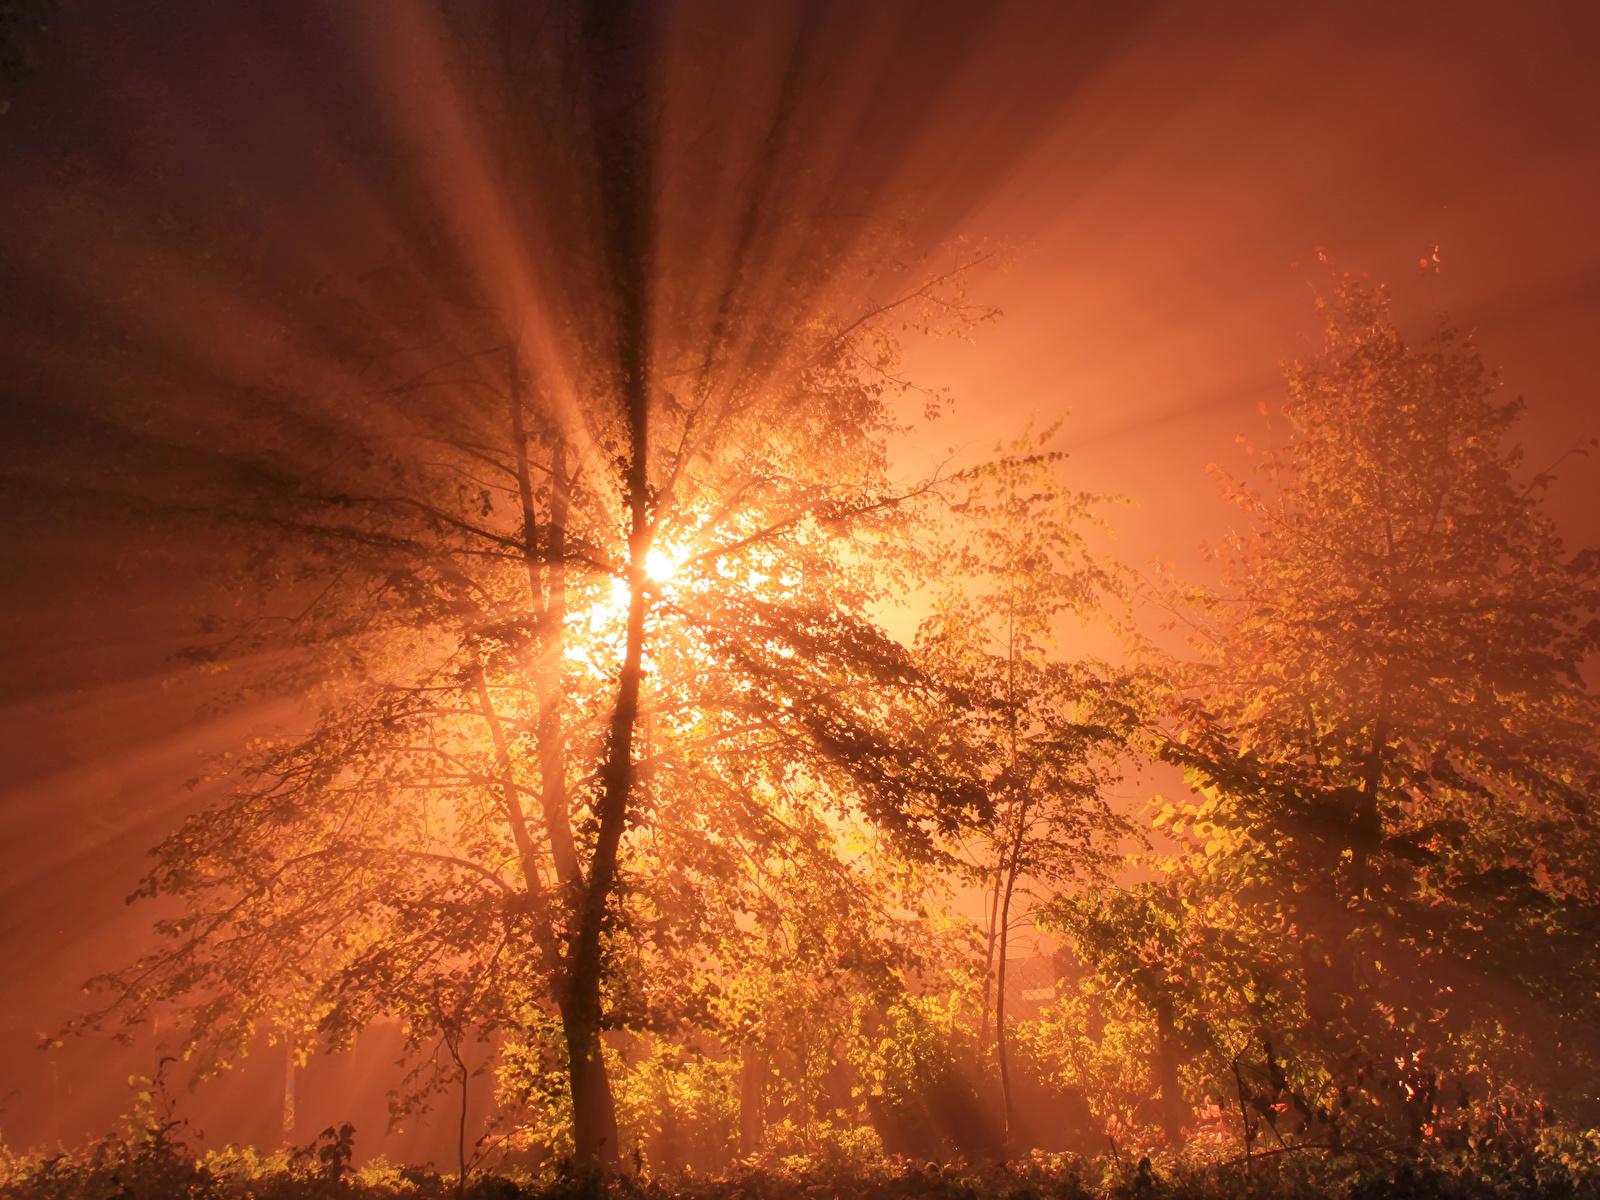 Обои для рабочего стола Лучи света Природа Небо рассвет и закат 1600x1200 Рассветы и закаты